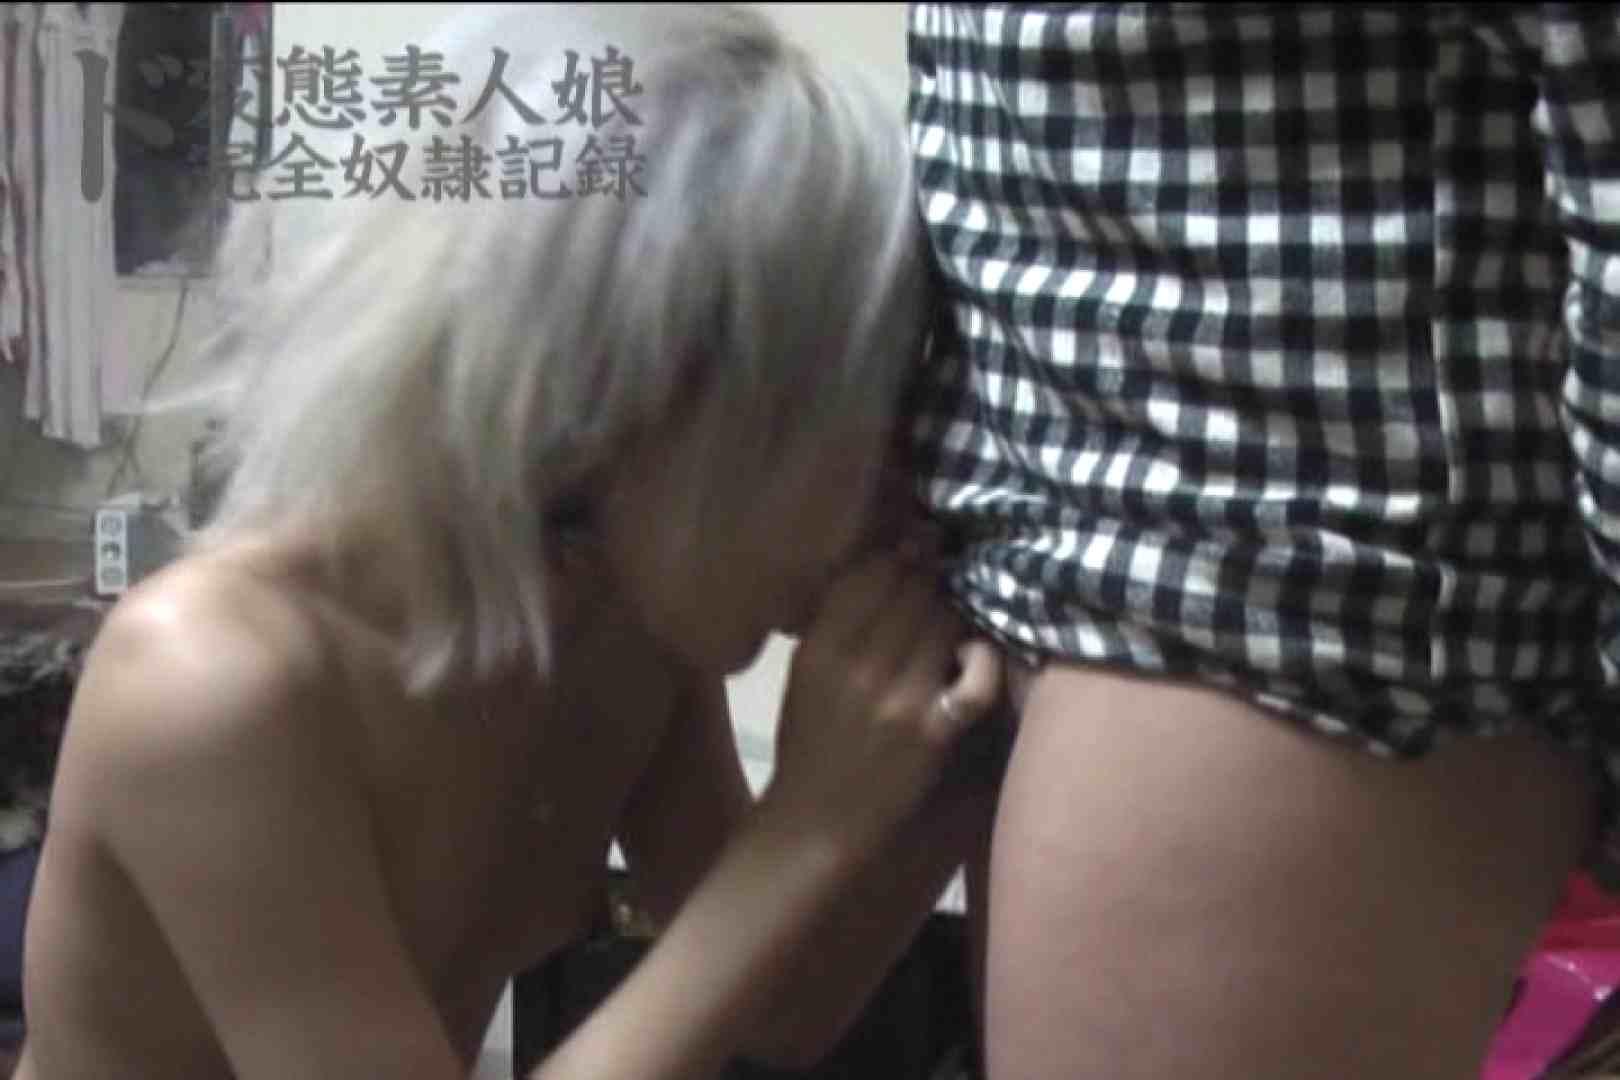 ド変態素人嬢完全奴隷記録 ~其の拾~ アナル おまんこ動画流出 97枚 27